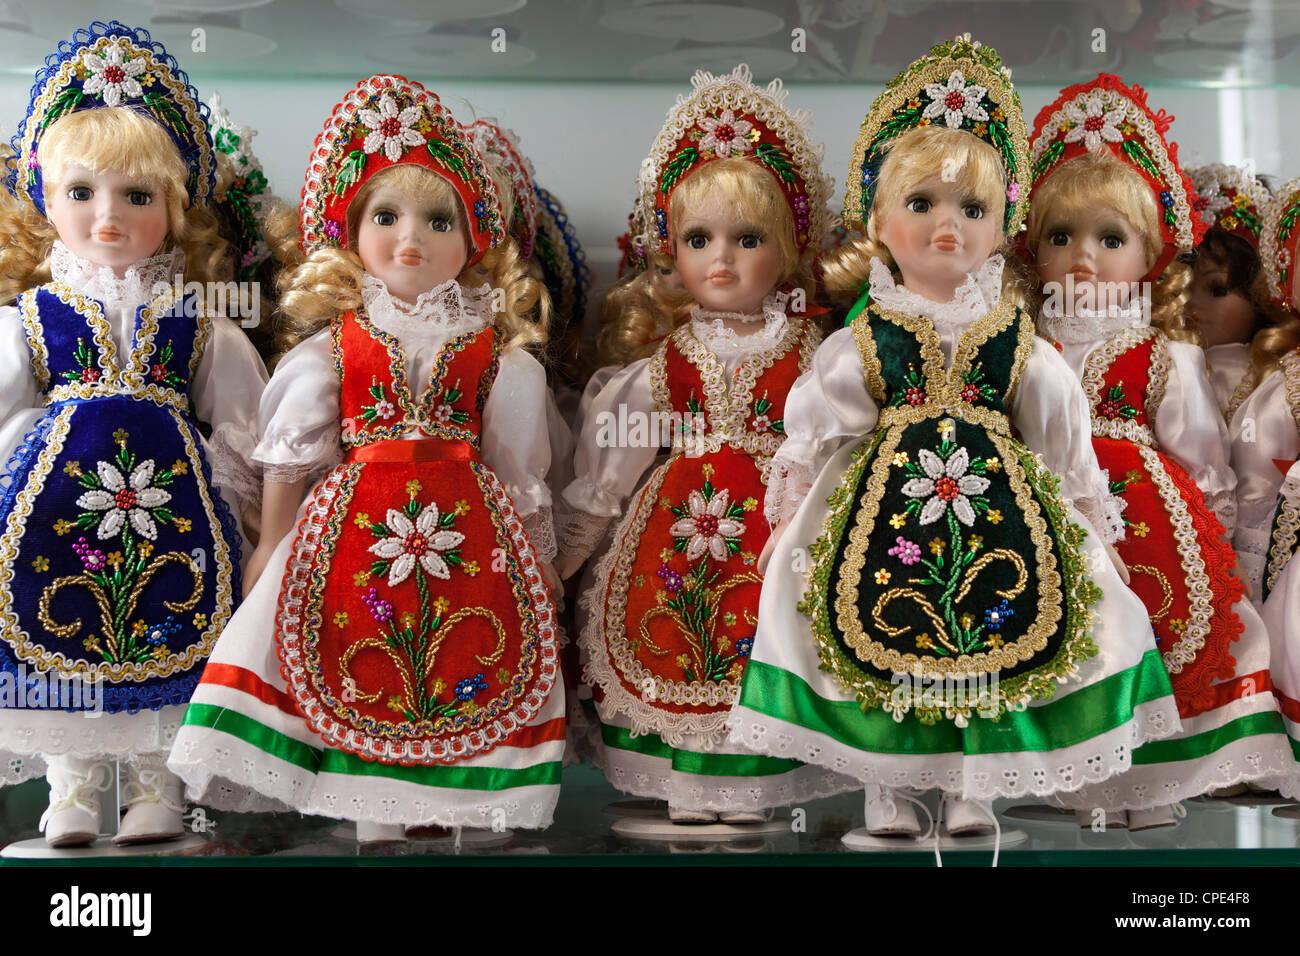 Recuerdo las muñecas en trajes tradicionales húngaras, Budapest, Hungría, Europa Imagen De Stock